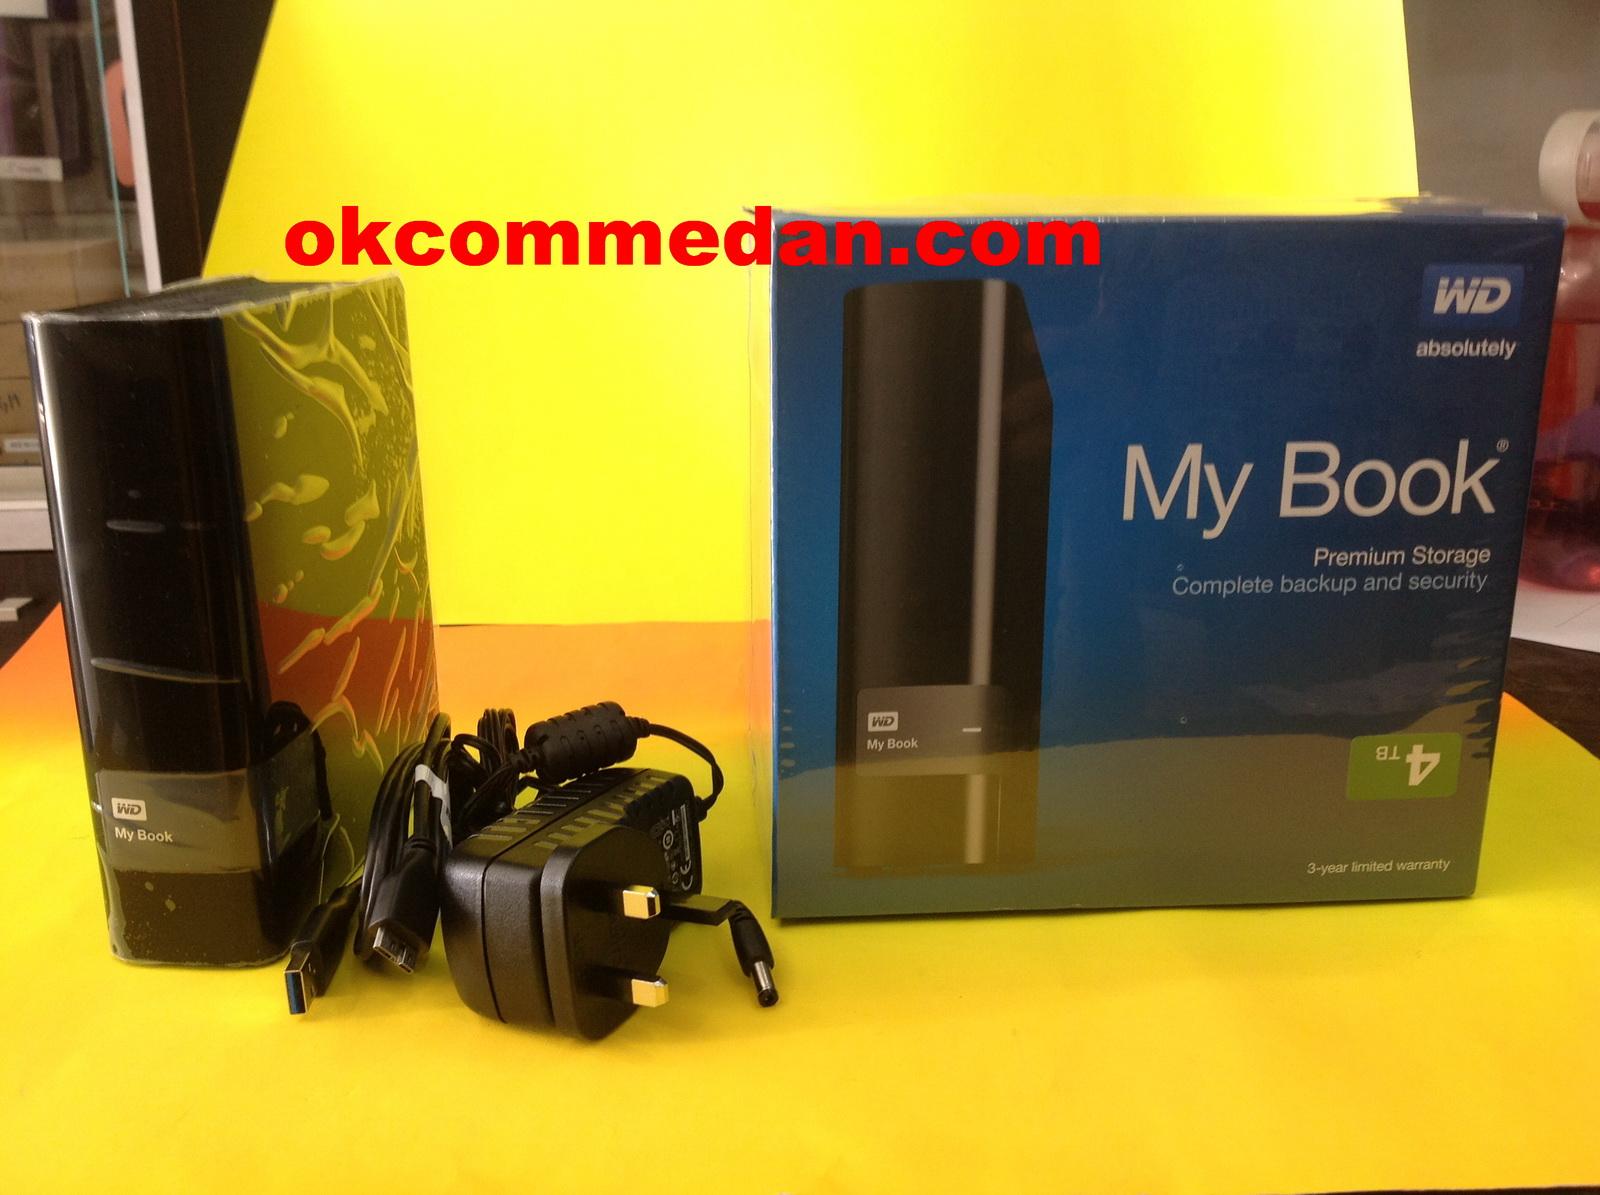 HDD WD Mybook 4 Terra